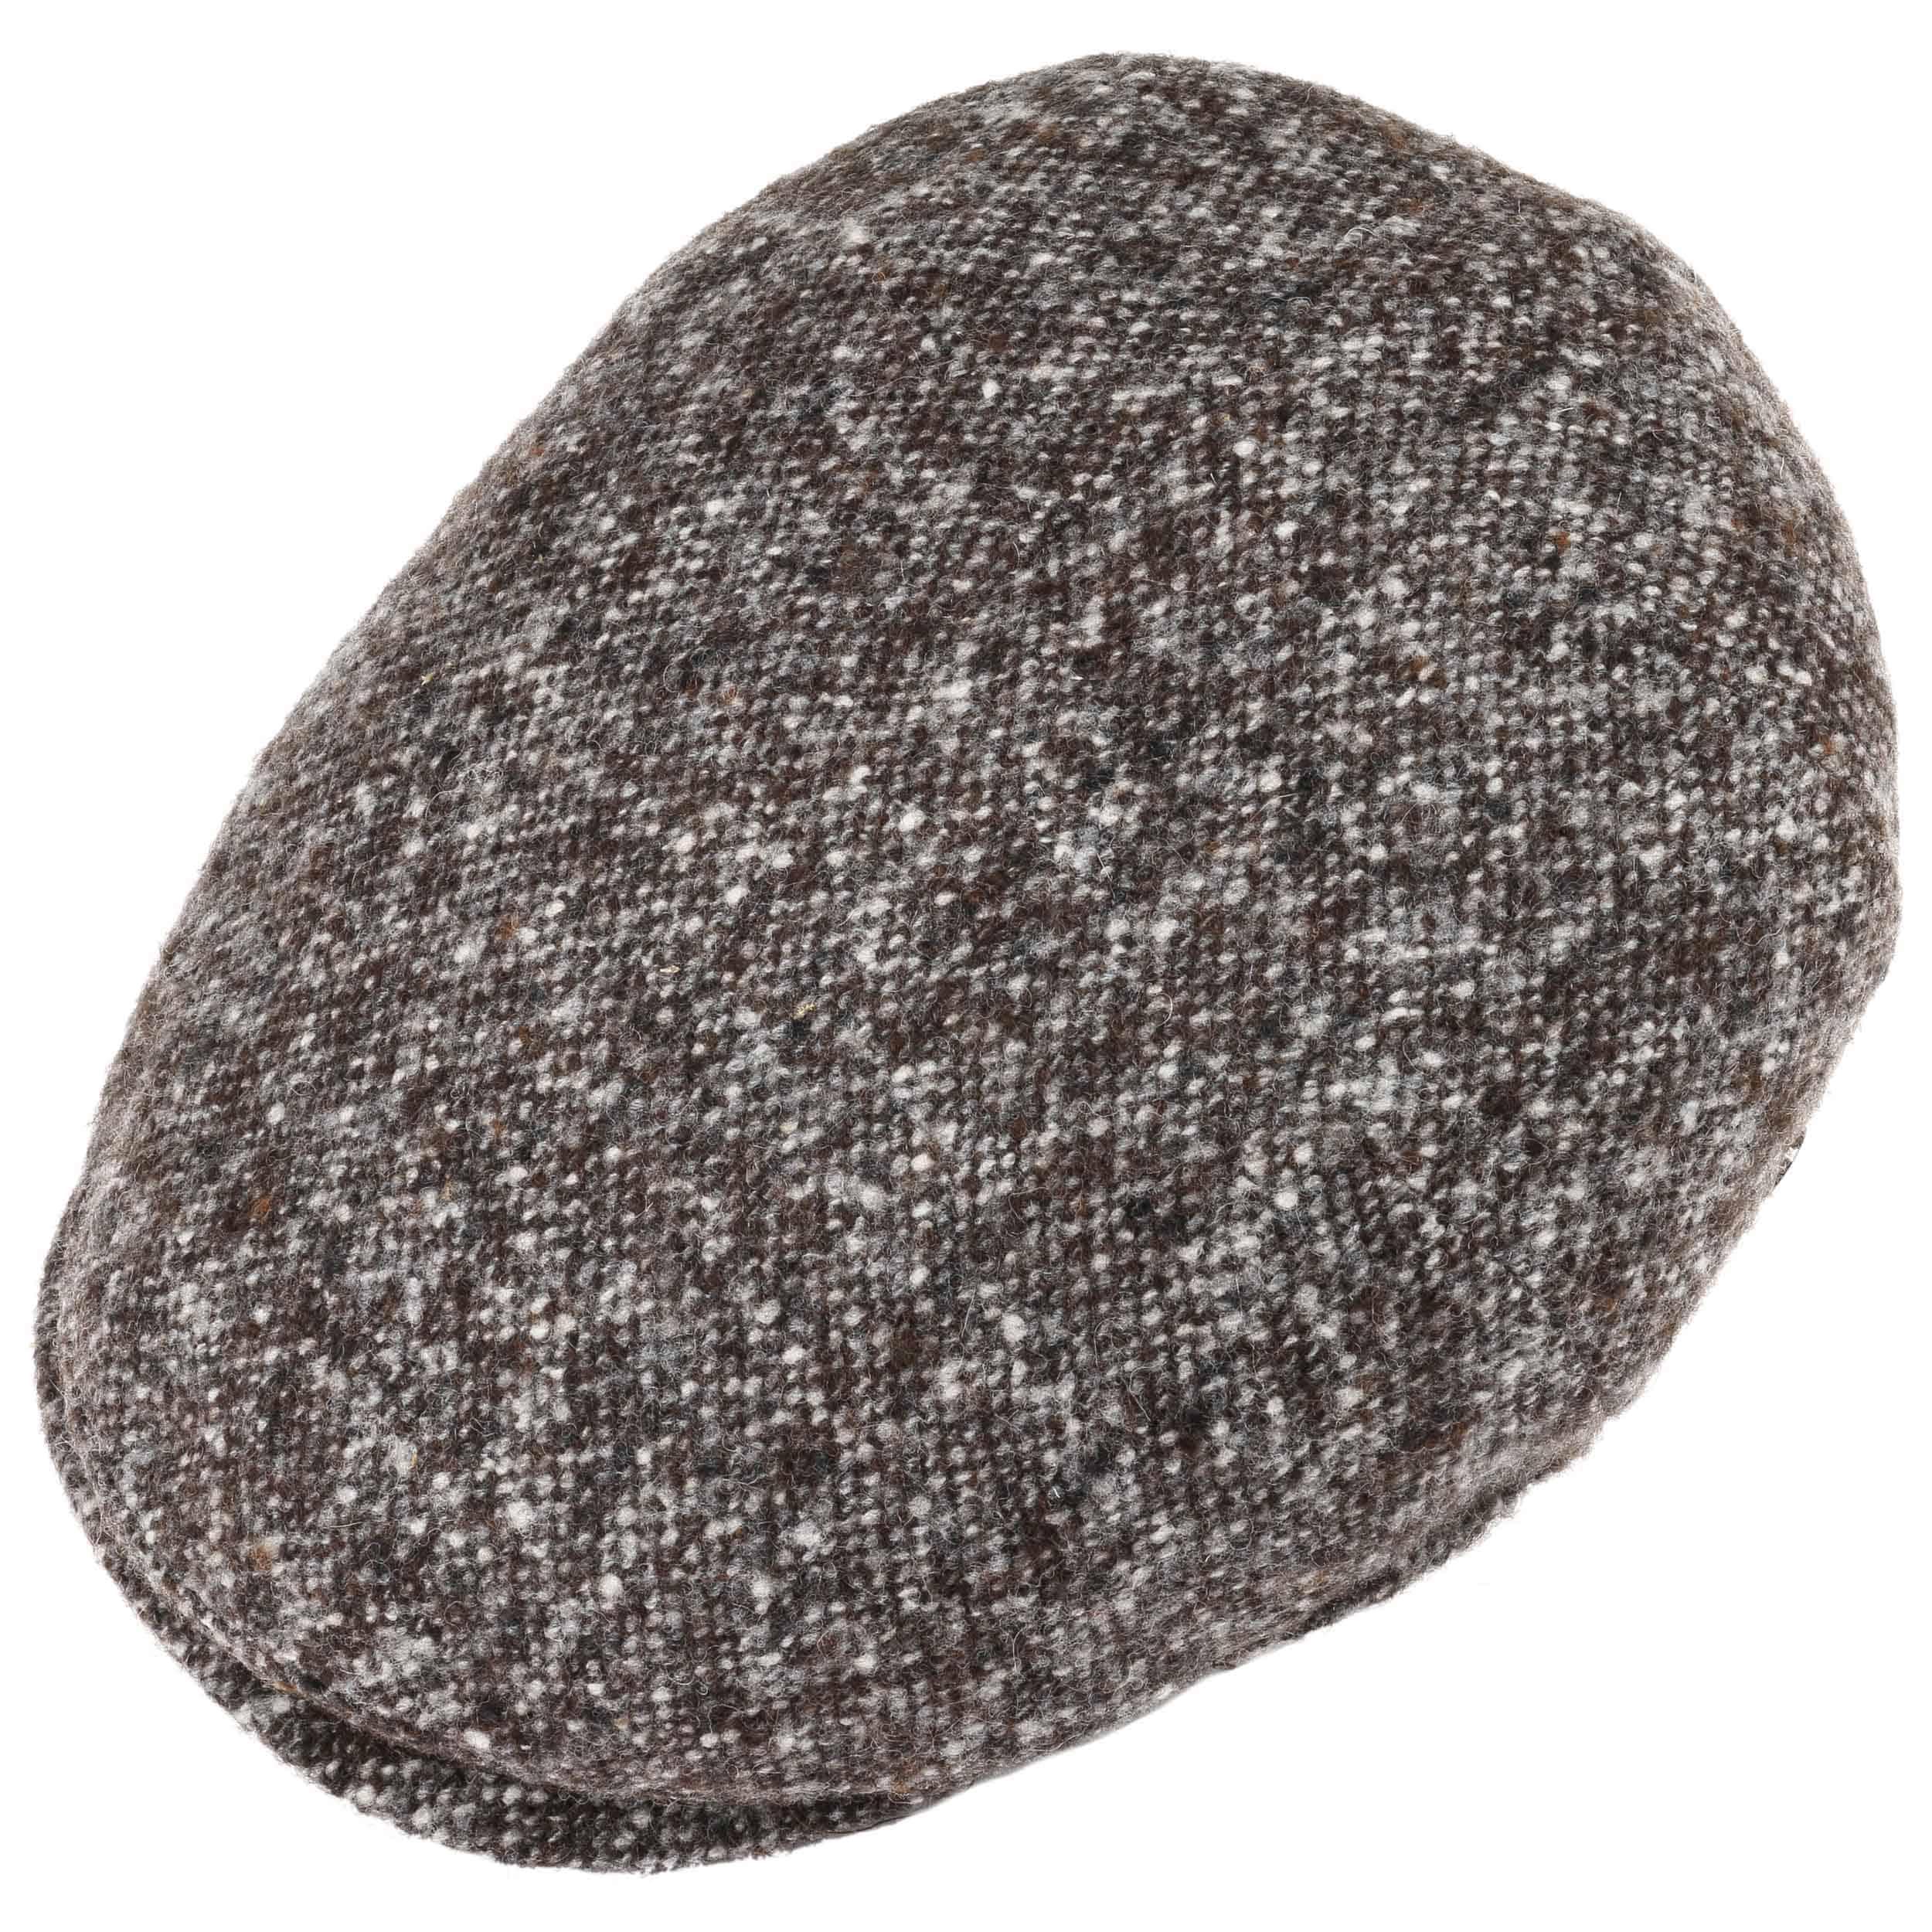 7948a6ae2ed Virgin Wool Tweed Flat Cap by Lierys - bruin 1 ...